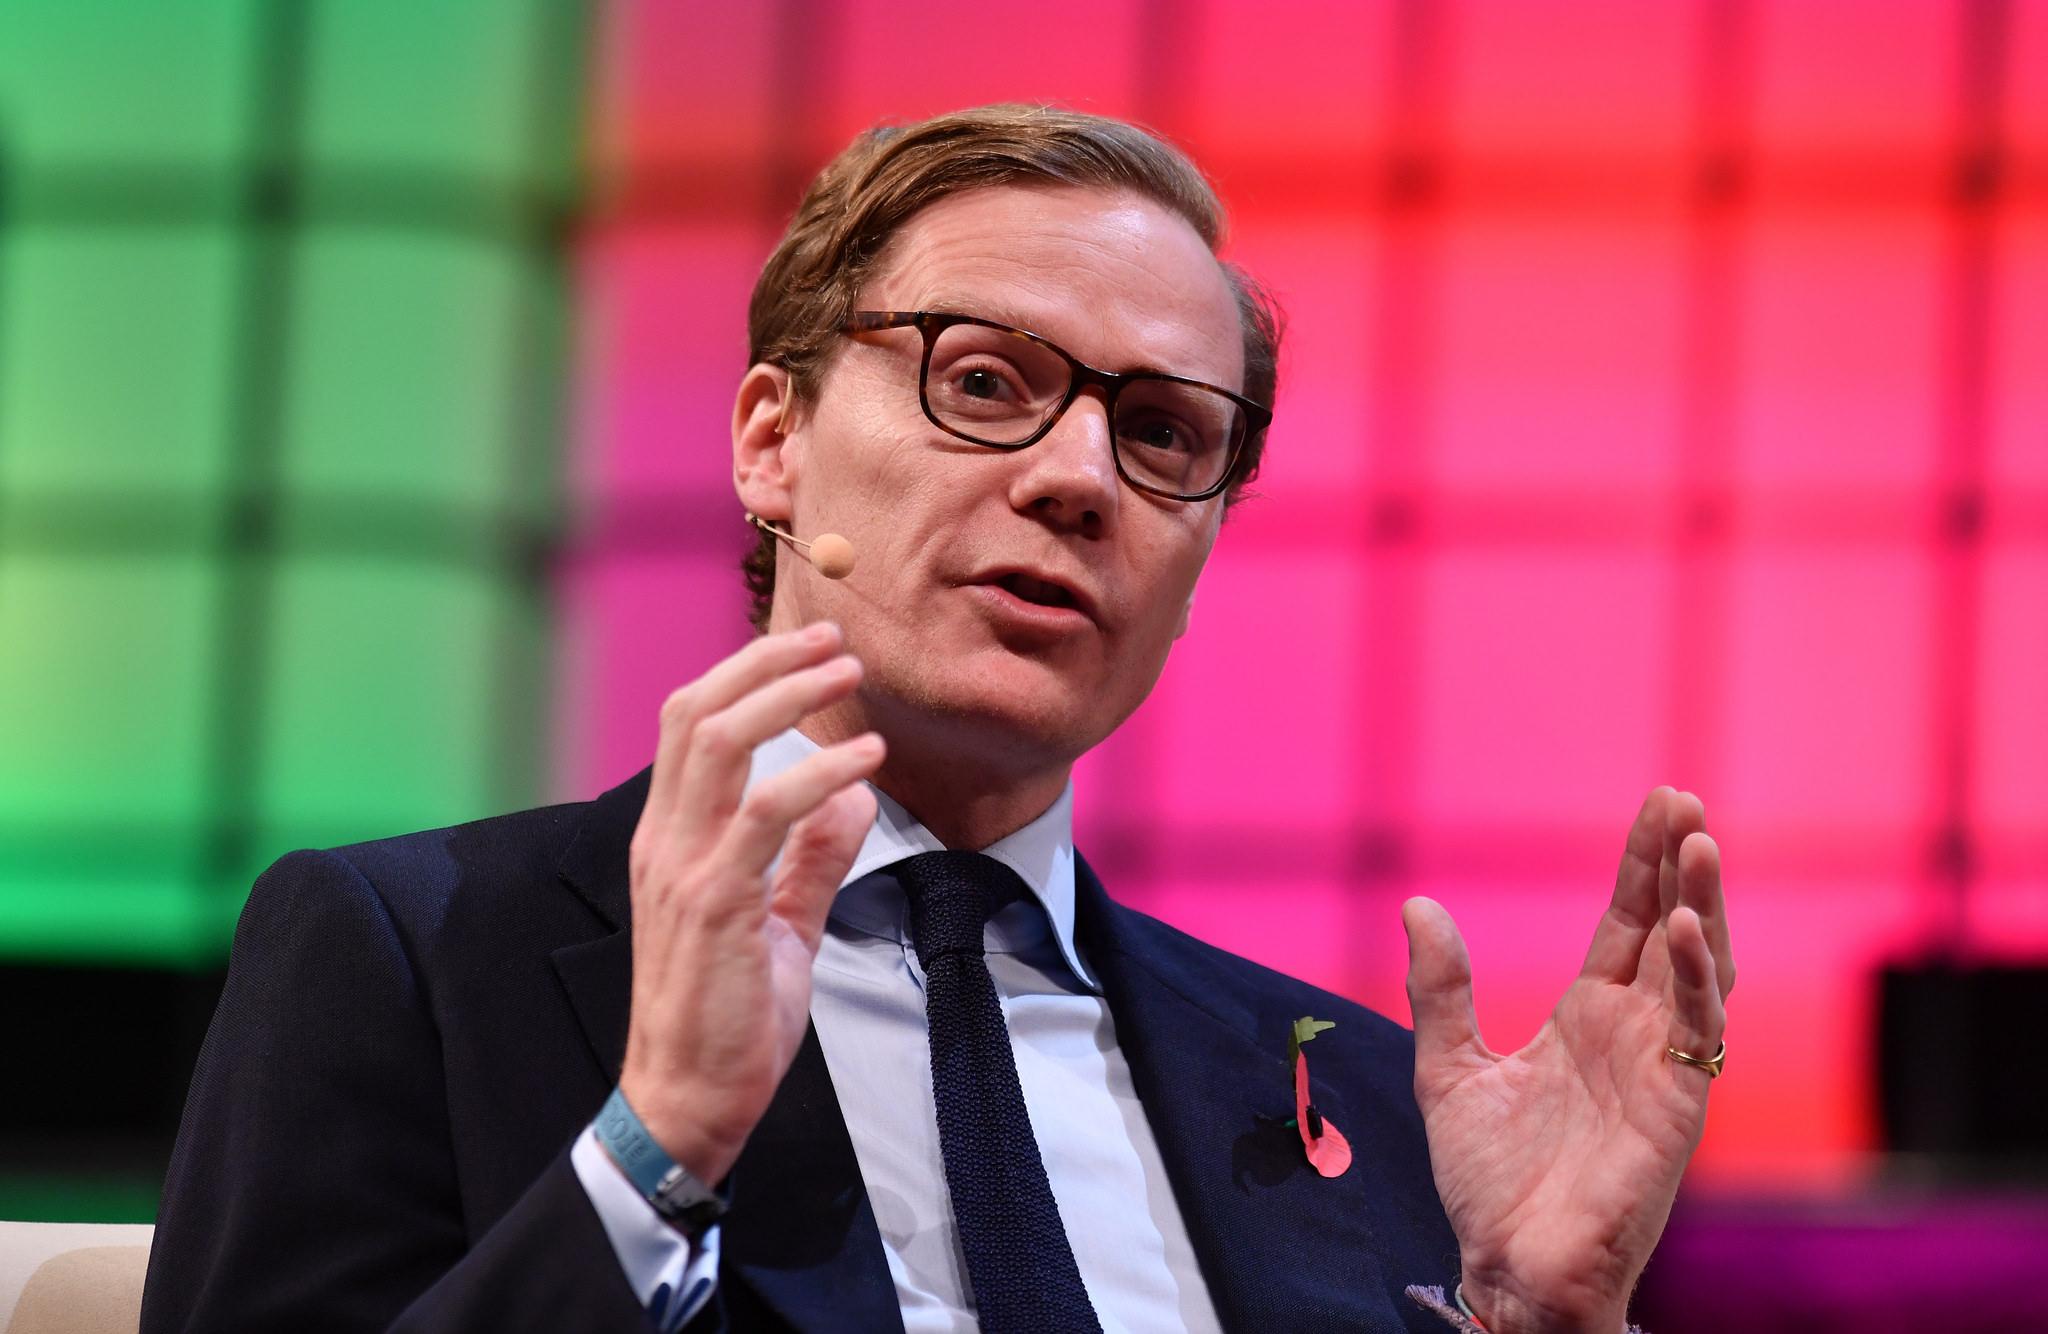 Alexander Nix, suspendovaný CEO analytické společnosti Cambridge Analytica